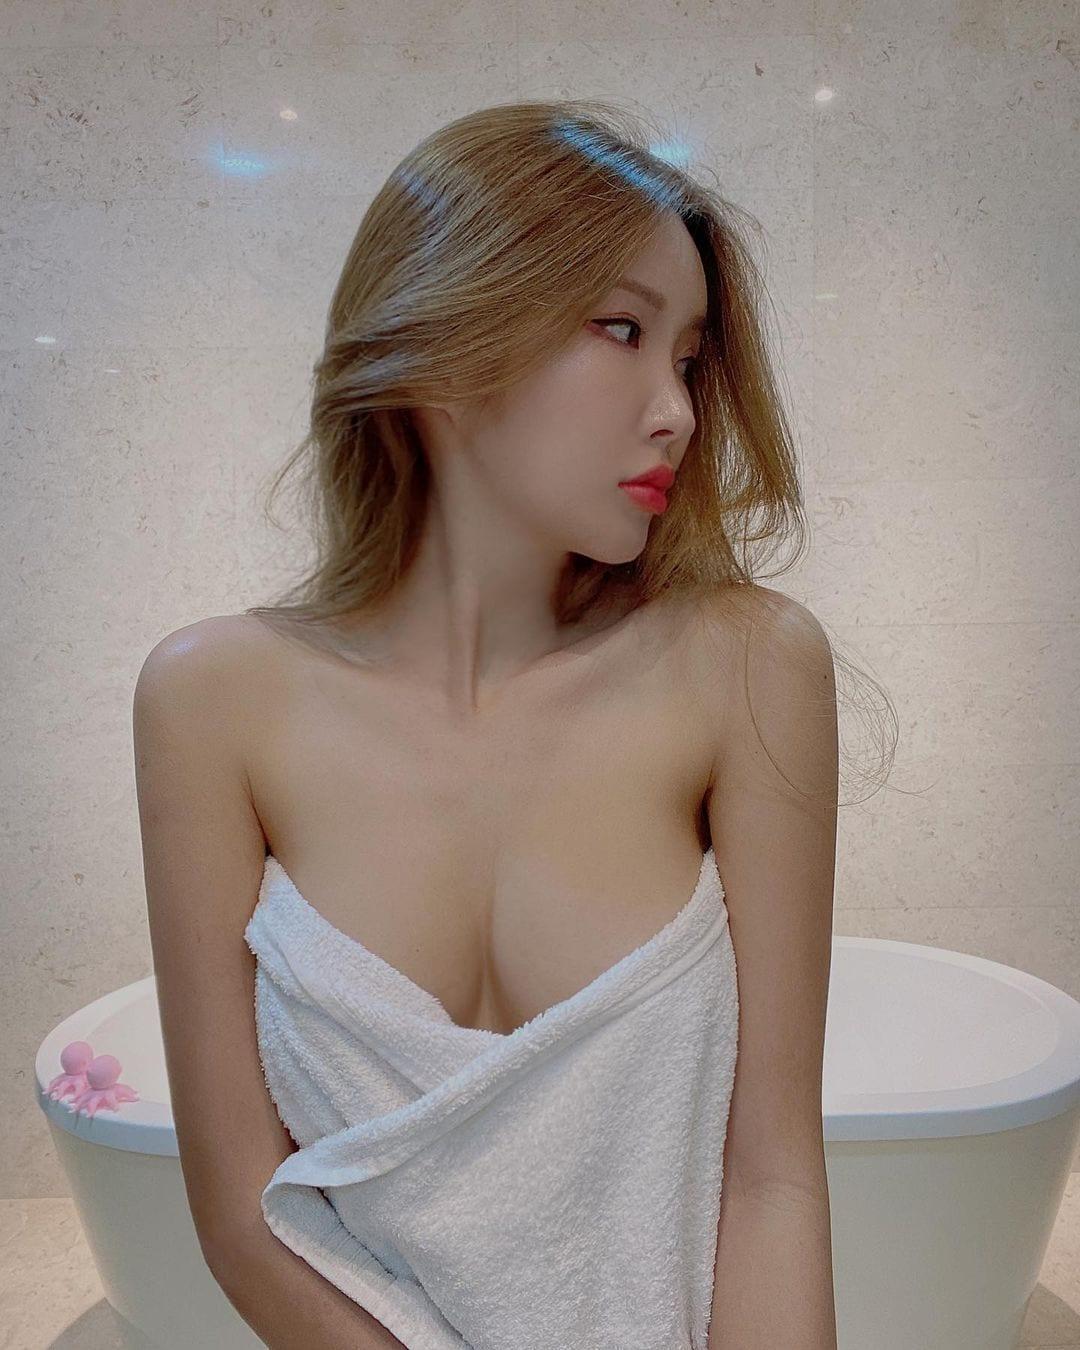 ガティタ・ヤン「はだけた胸元にゴクリ」バスタオルで身体を隠して…【画像2枚】の画像001